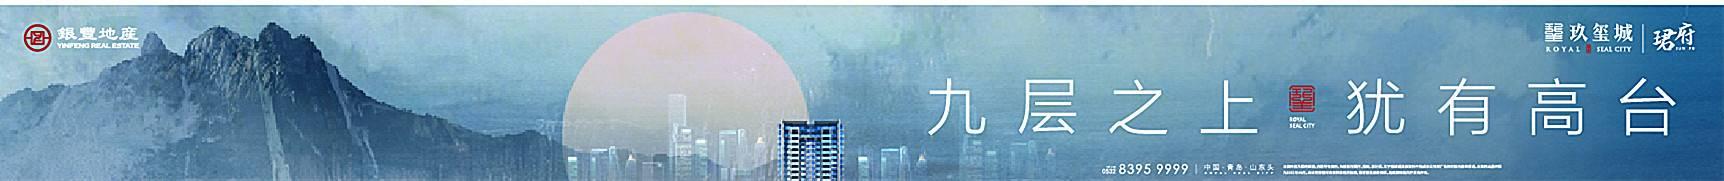 玖玺城 珺府,承600年山海真意,再立当代山居传统